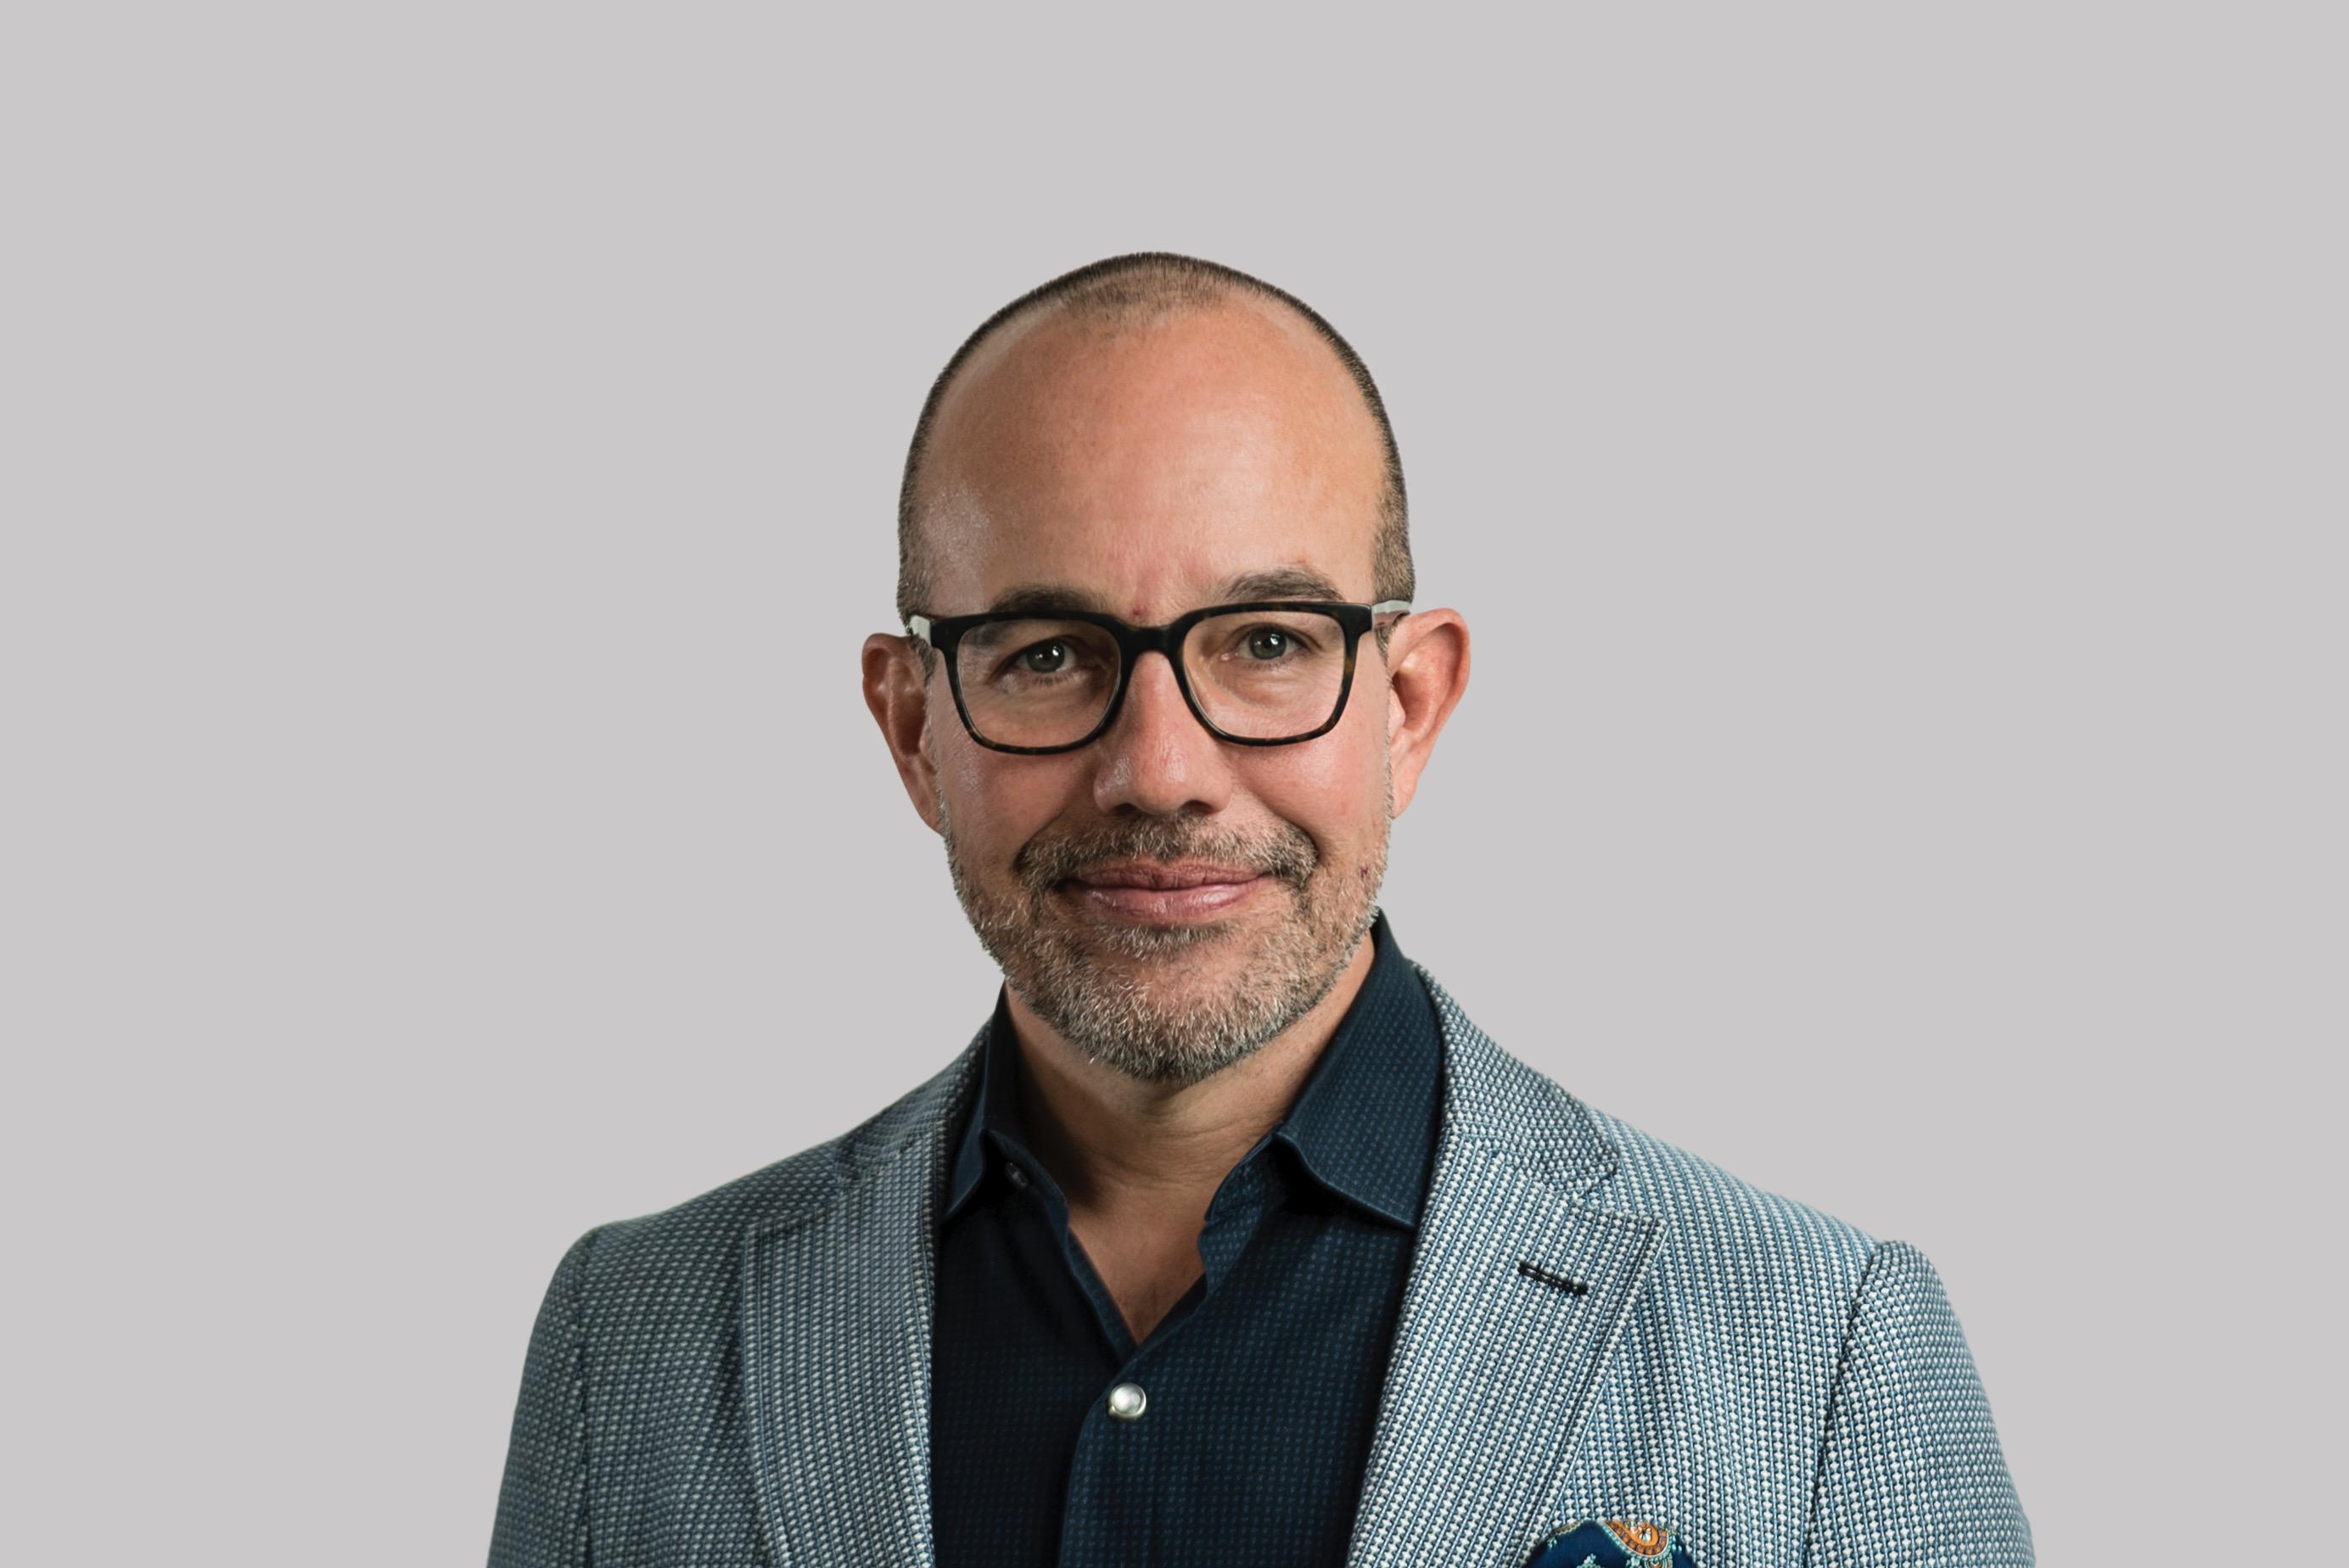 TIBCO nomina Fred Studer Chief Marketing Officer